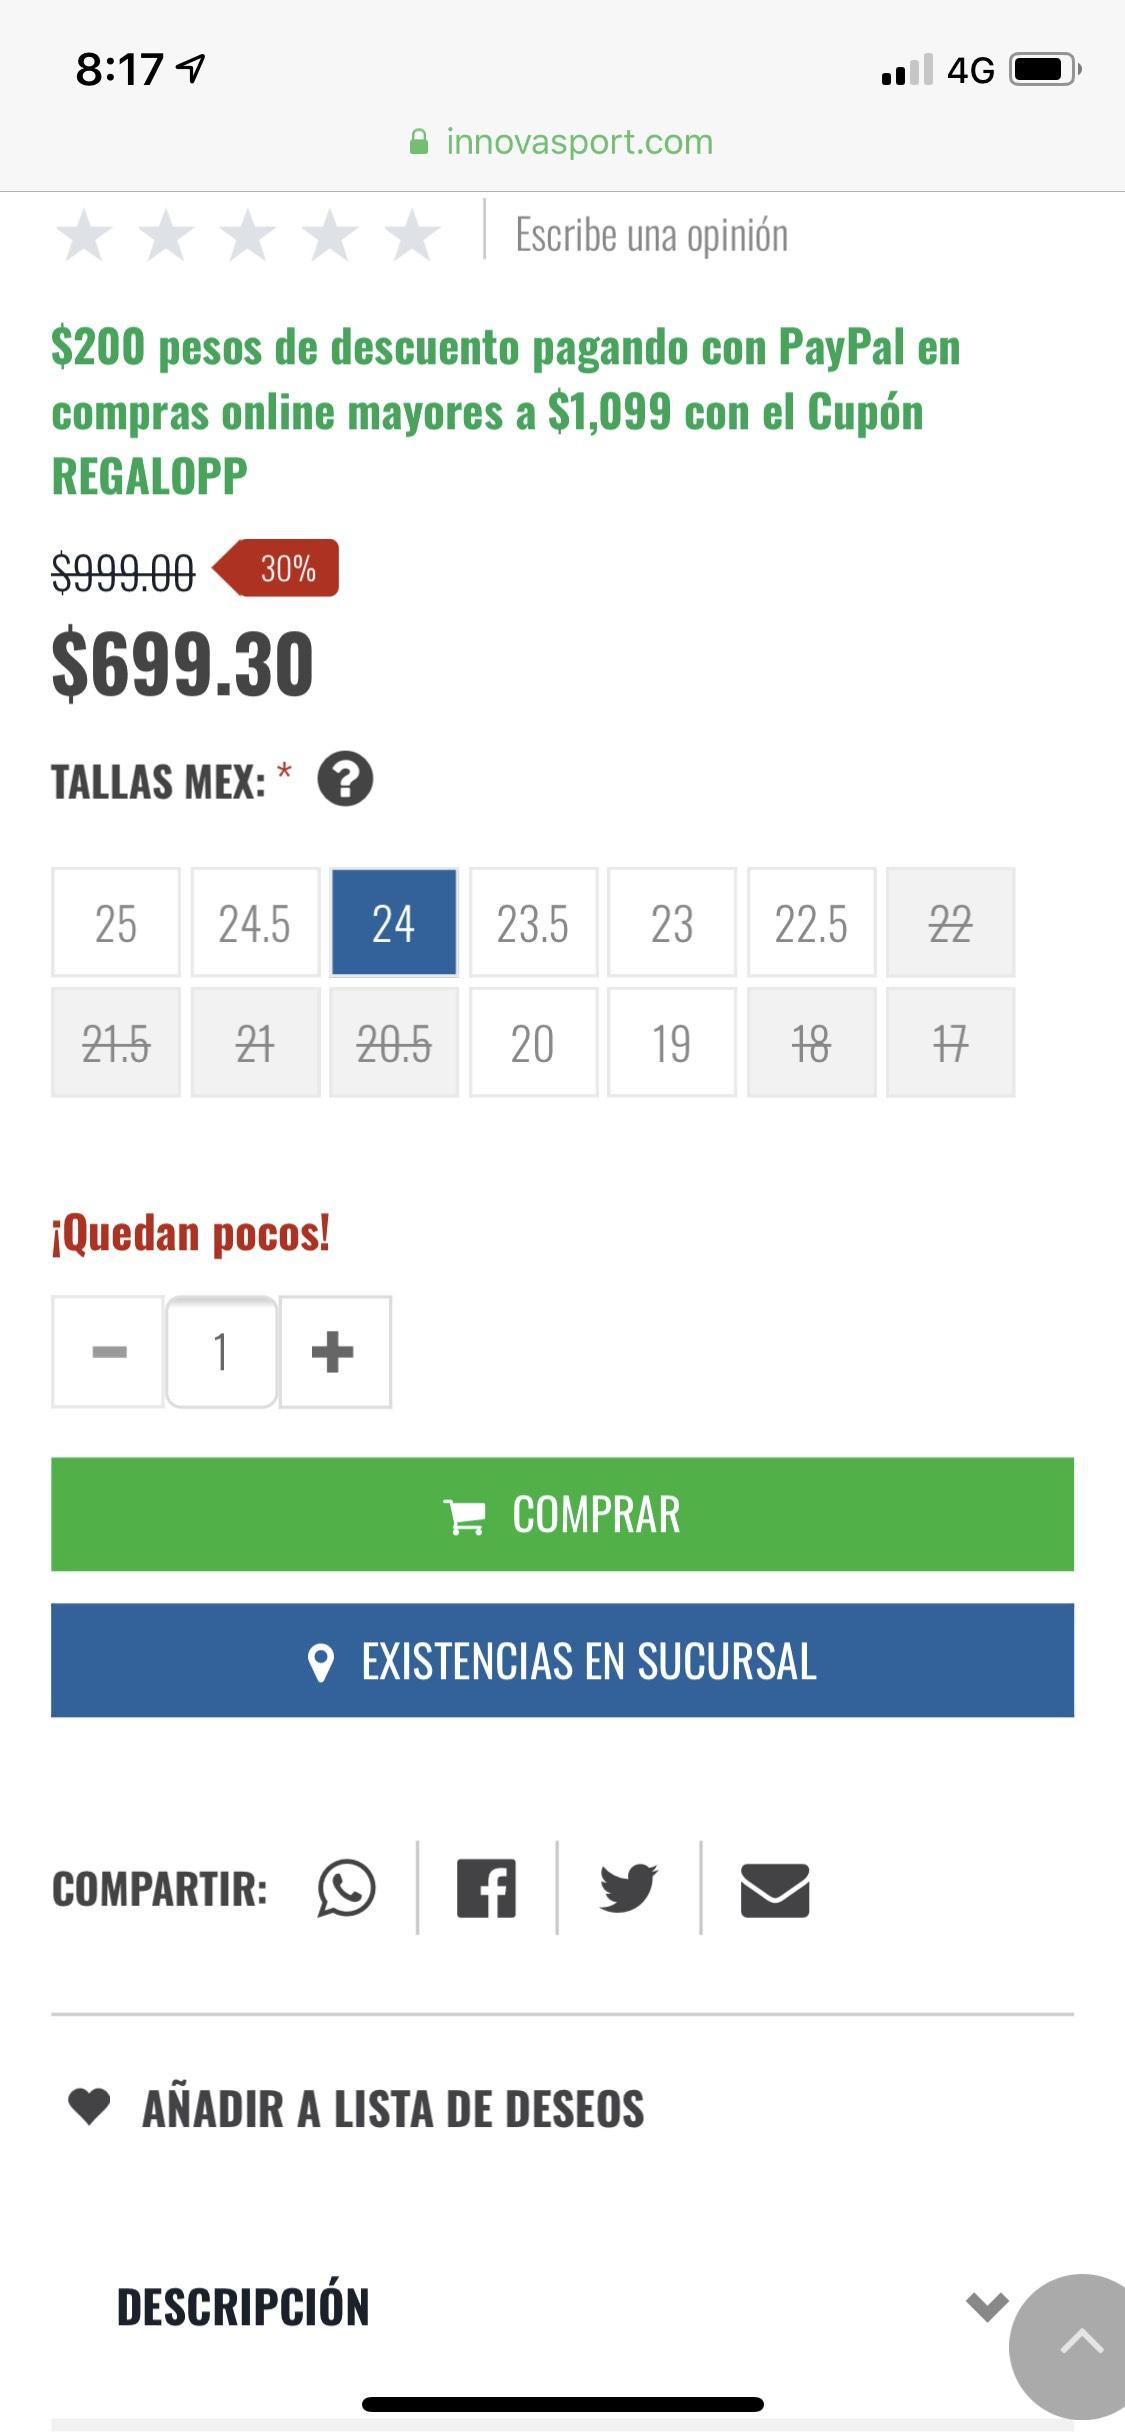 Innovasport $200 de descuento en compras mayores a $1099 pagando con paypal